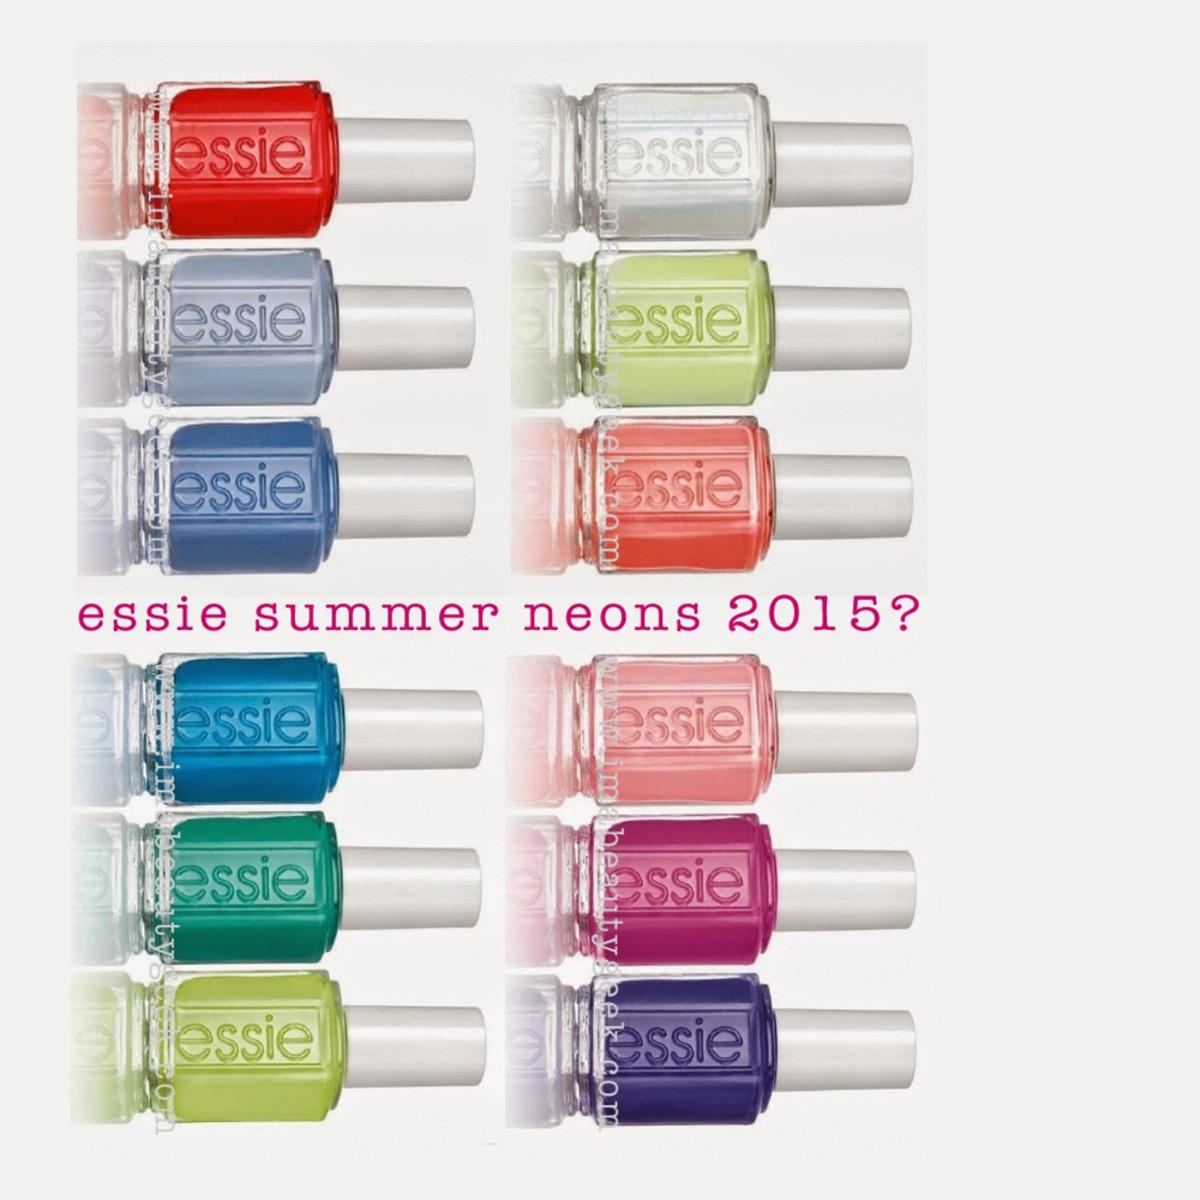 Essie Summer 2015 Neons